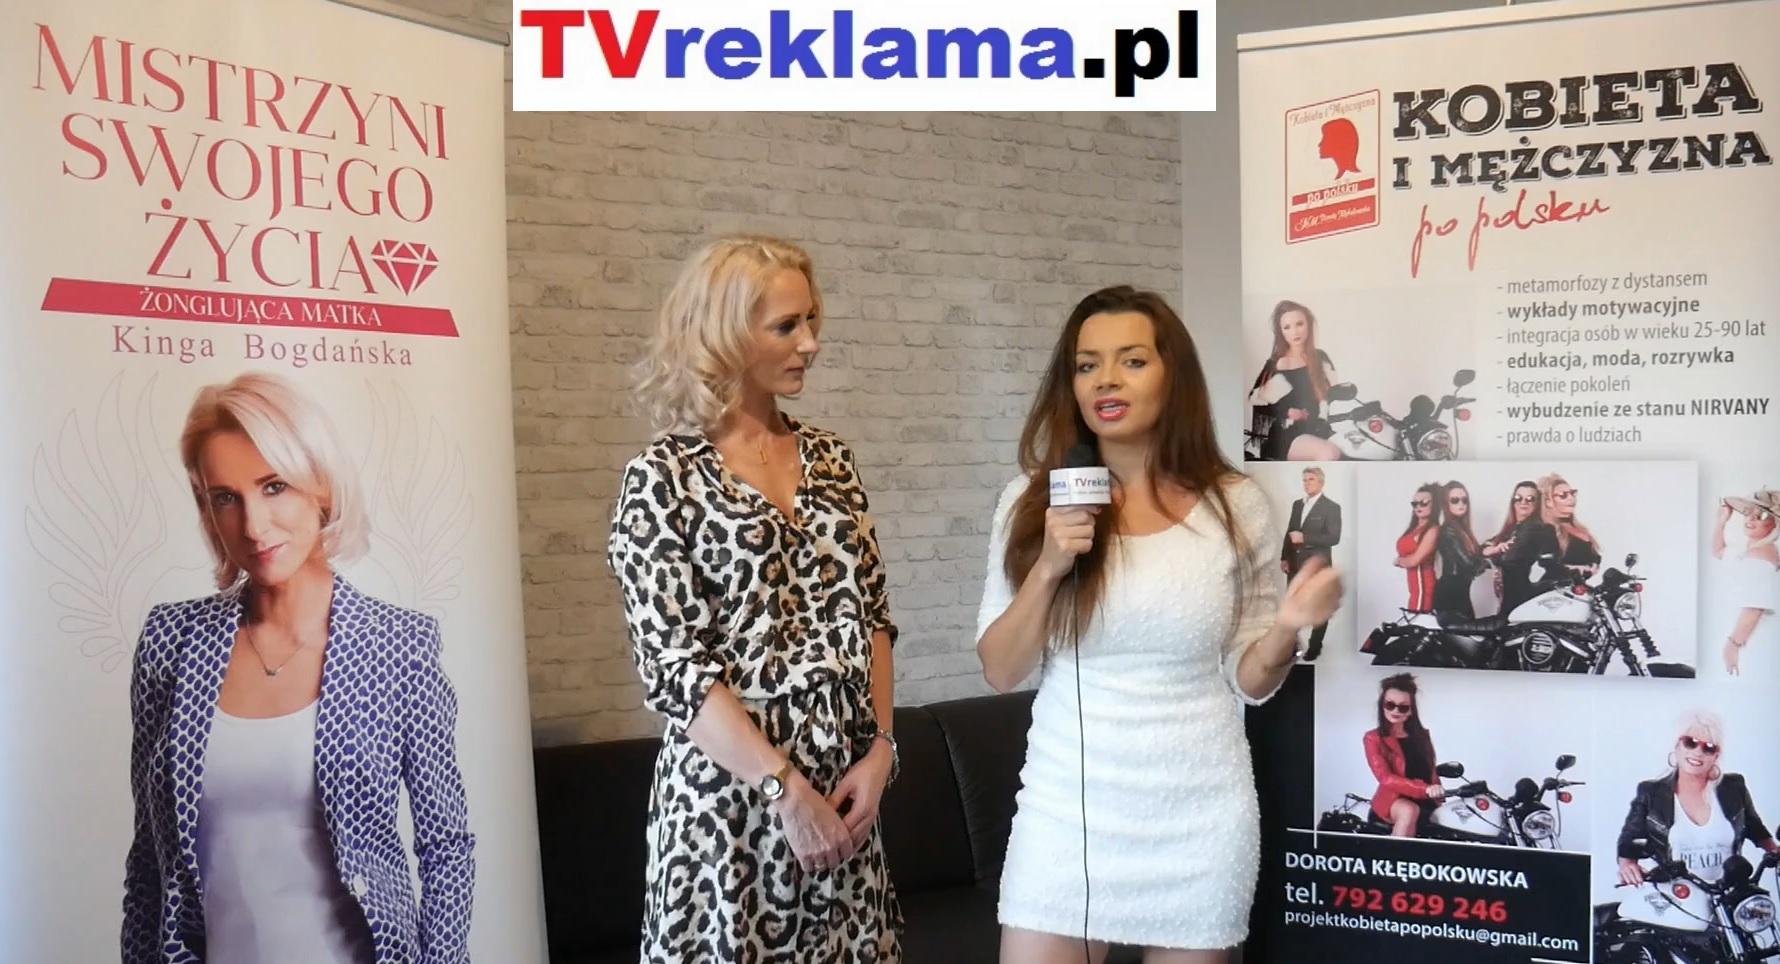 TVreklama.pl – wywiad z Kingą Bogdańską